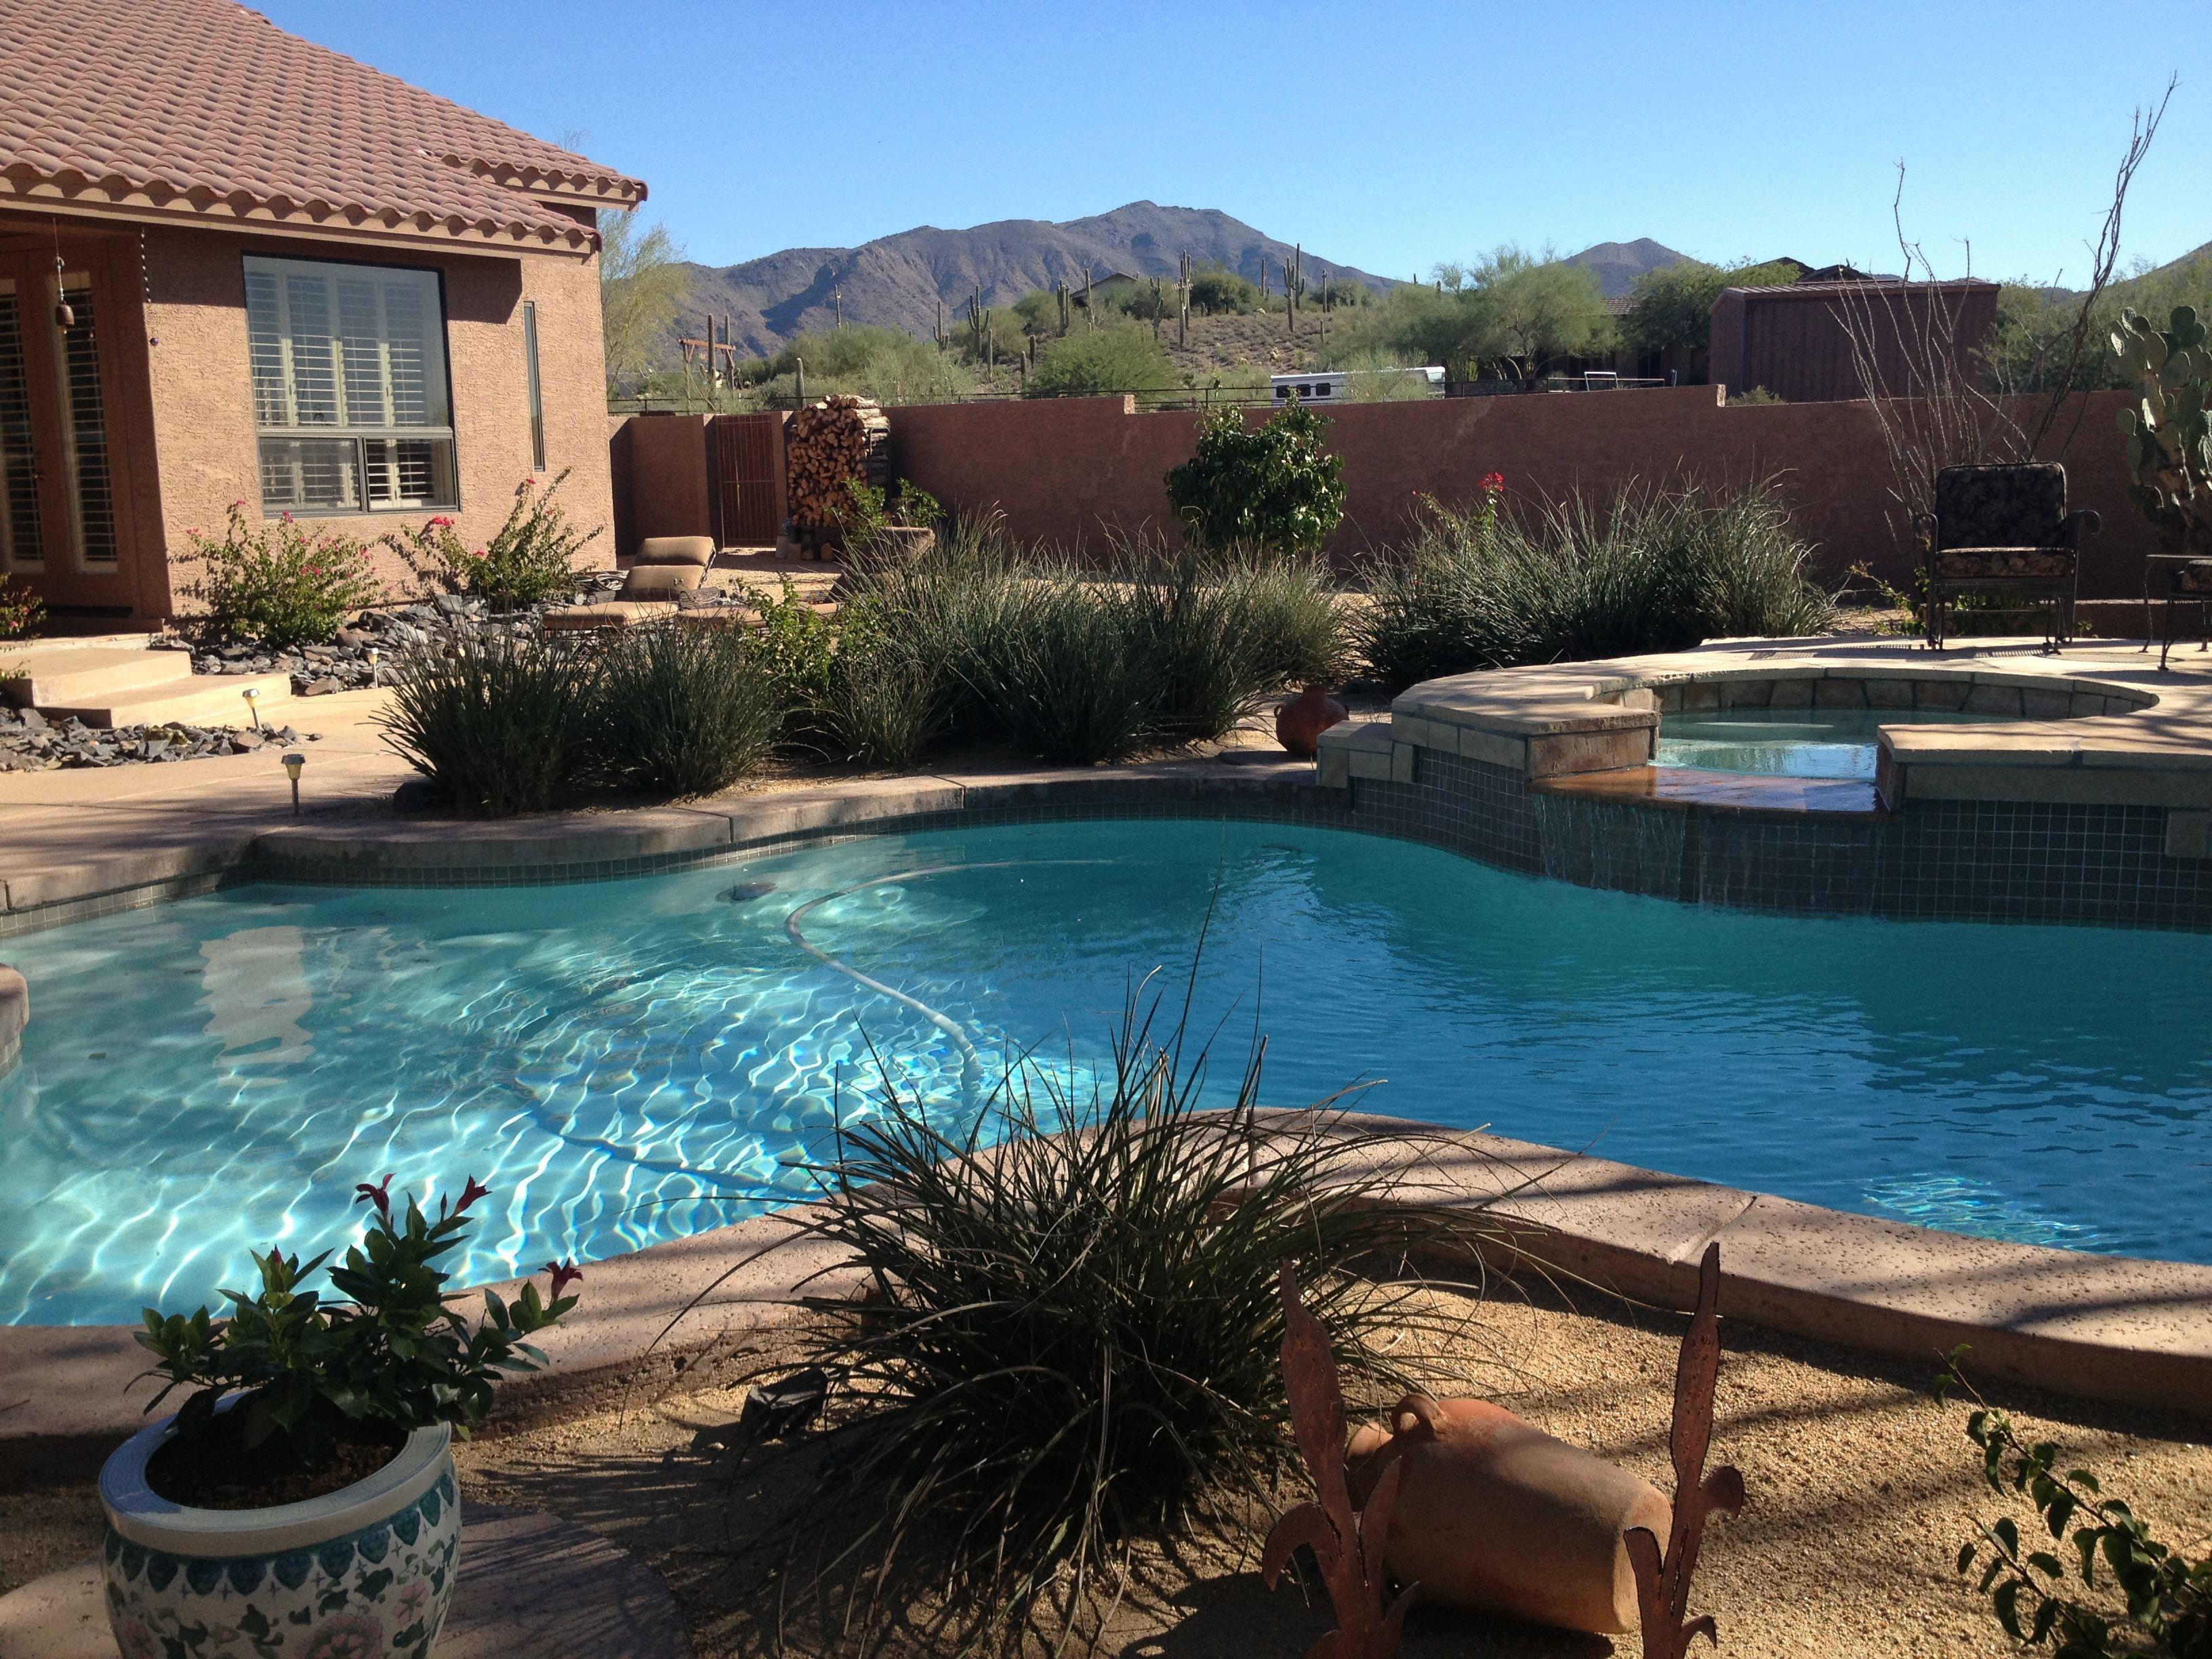 Arizona Backyard Pool Pool Landscapingbackyard Poolsbackyardshome